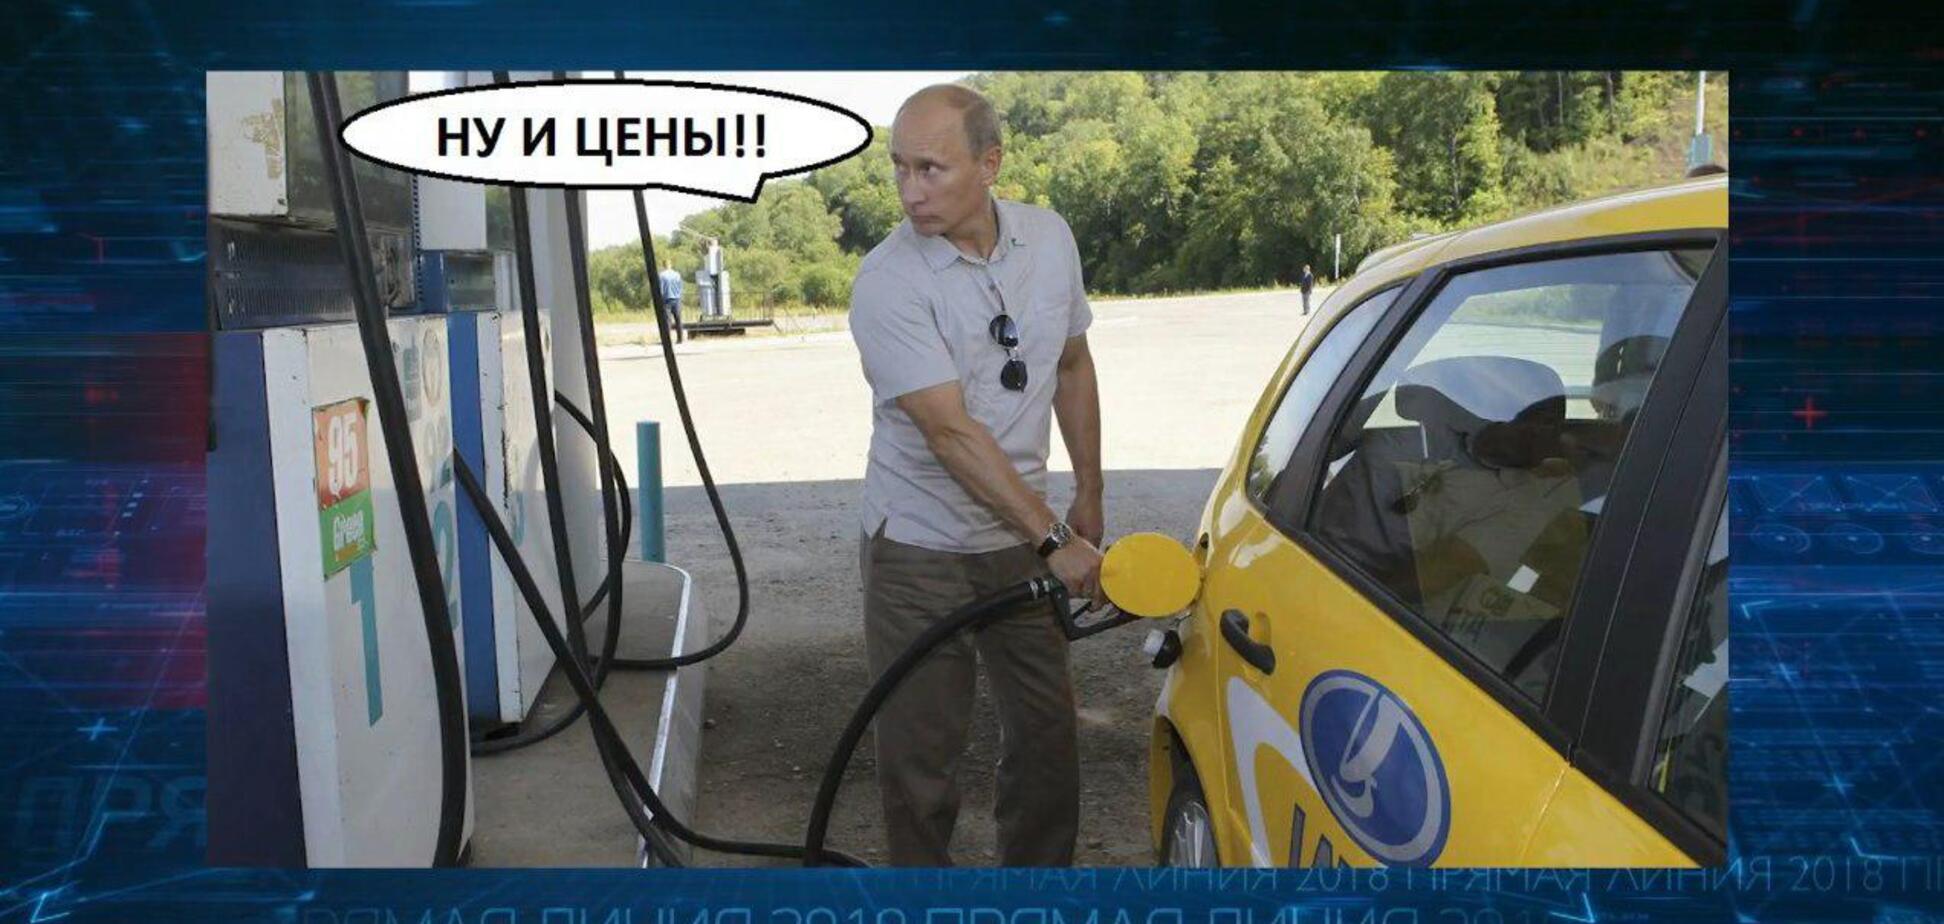 'Прямая линия' с Путиным: на КремльТВ пропустили неудобные вопросы и интернет-мемы